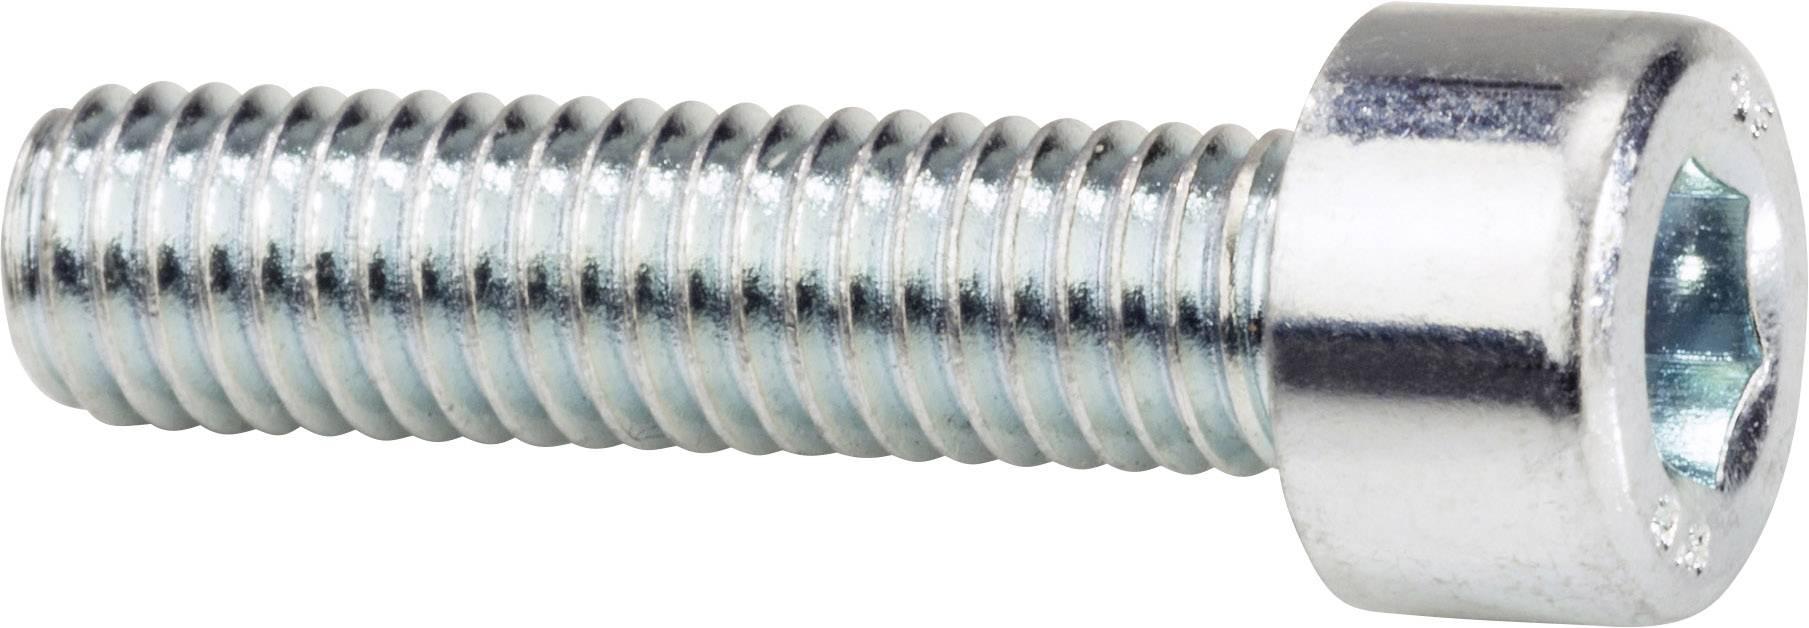 Šrouby s válcovou hlavou. 912, 4X12 100 ks